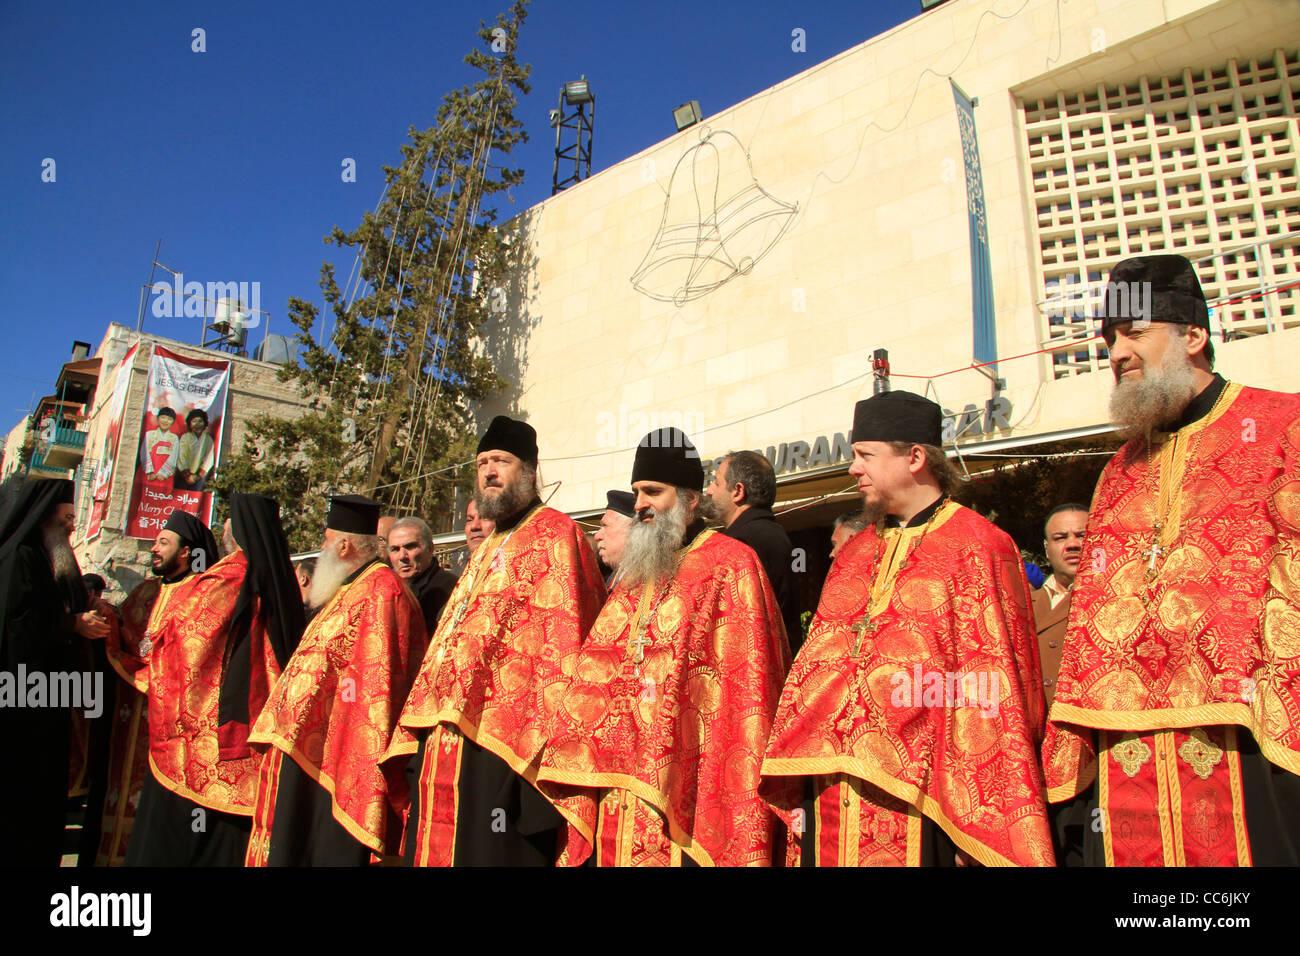 Greek Orthodox Christmas.Bethlehem Greek Orthodox Christmas Ceremony In Manger